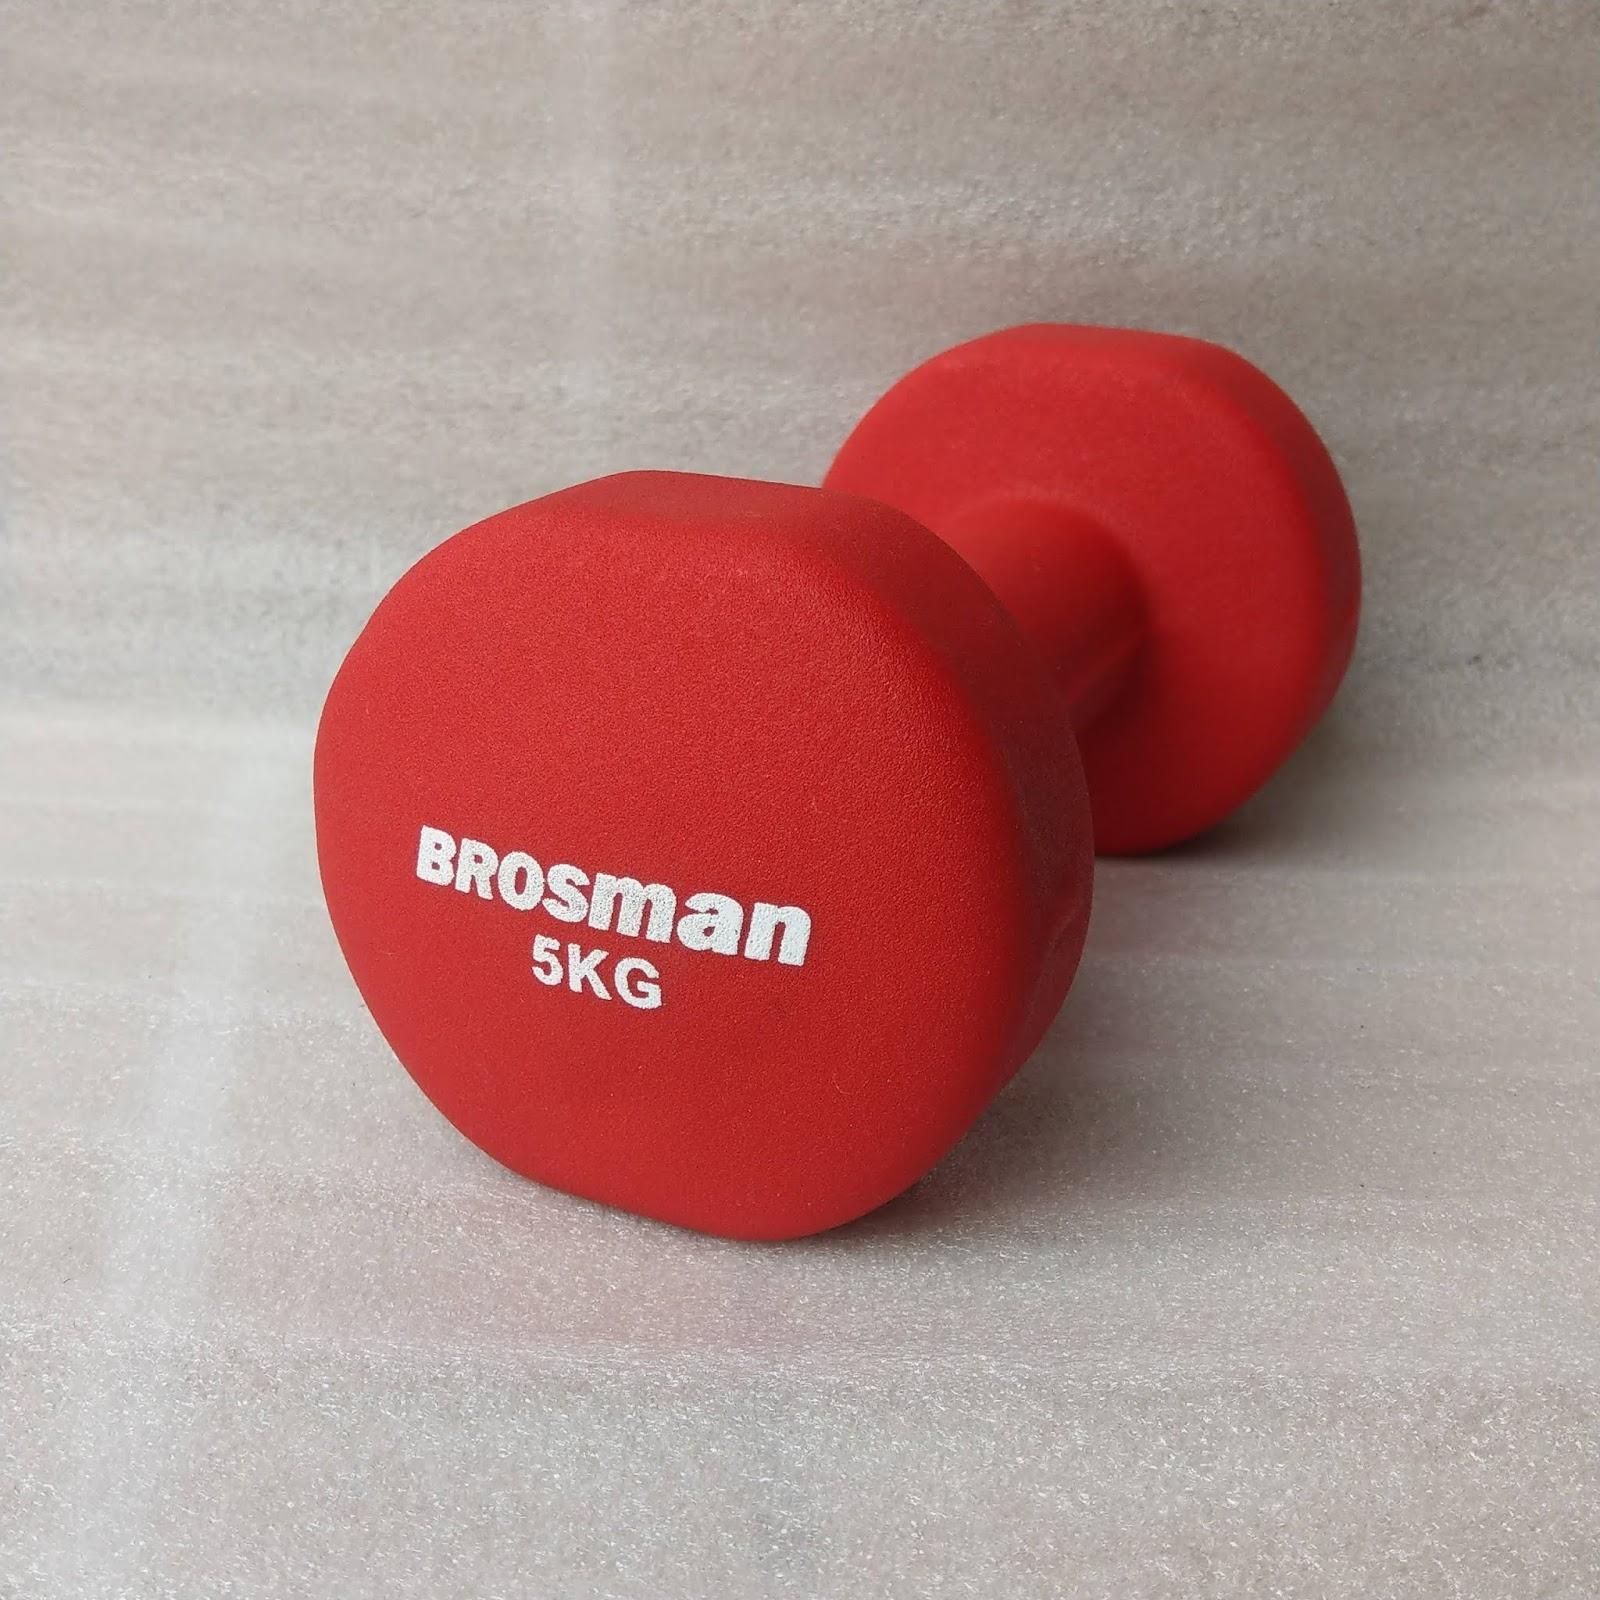 Tạ Tay Brosman 5 Kg (Đỏ) Cùng Khuyến Mại Sốc